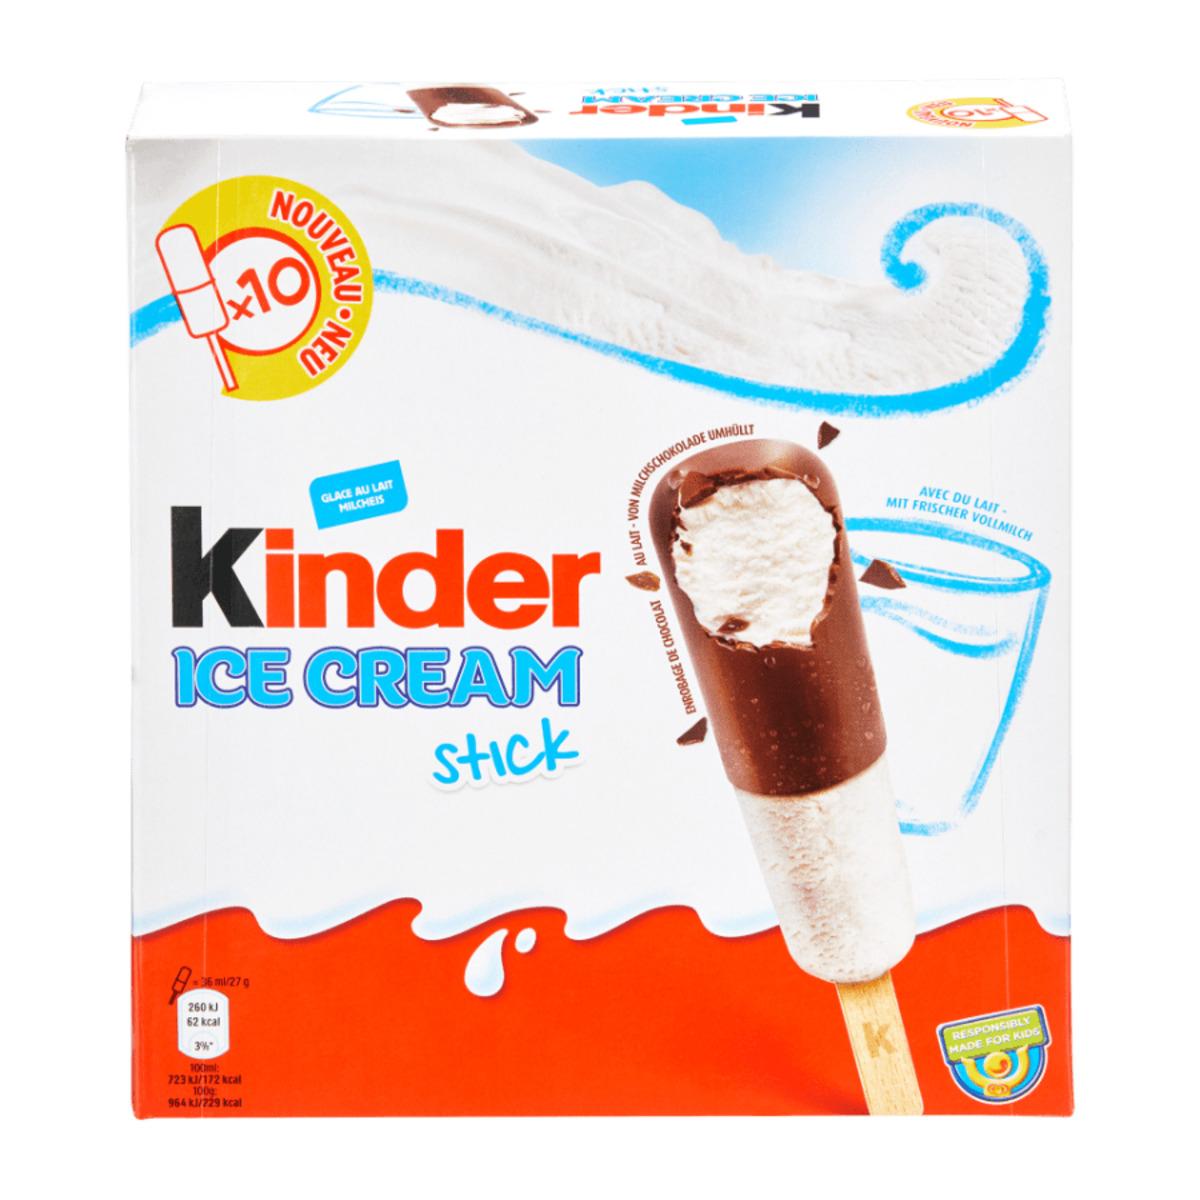 Bild 2 von Kinder Ice Cream